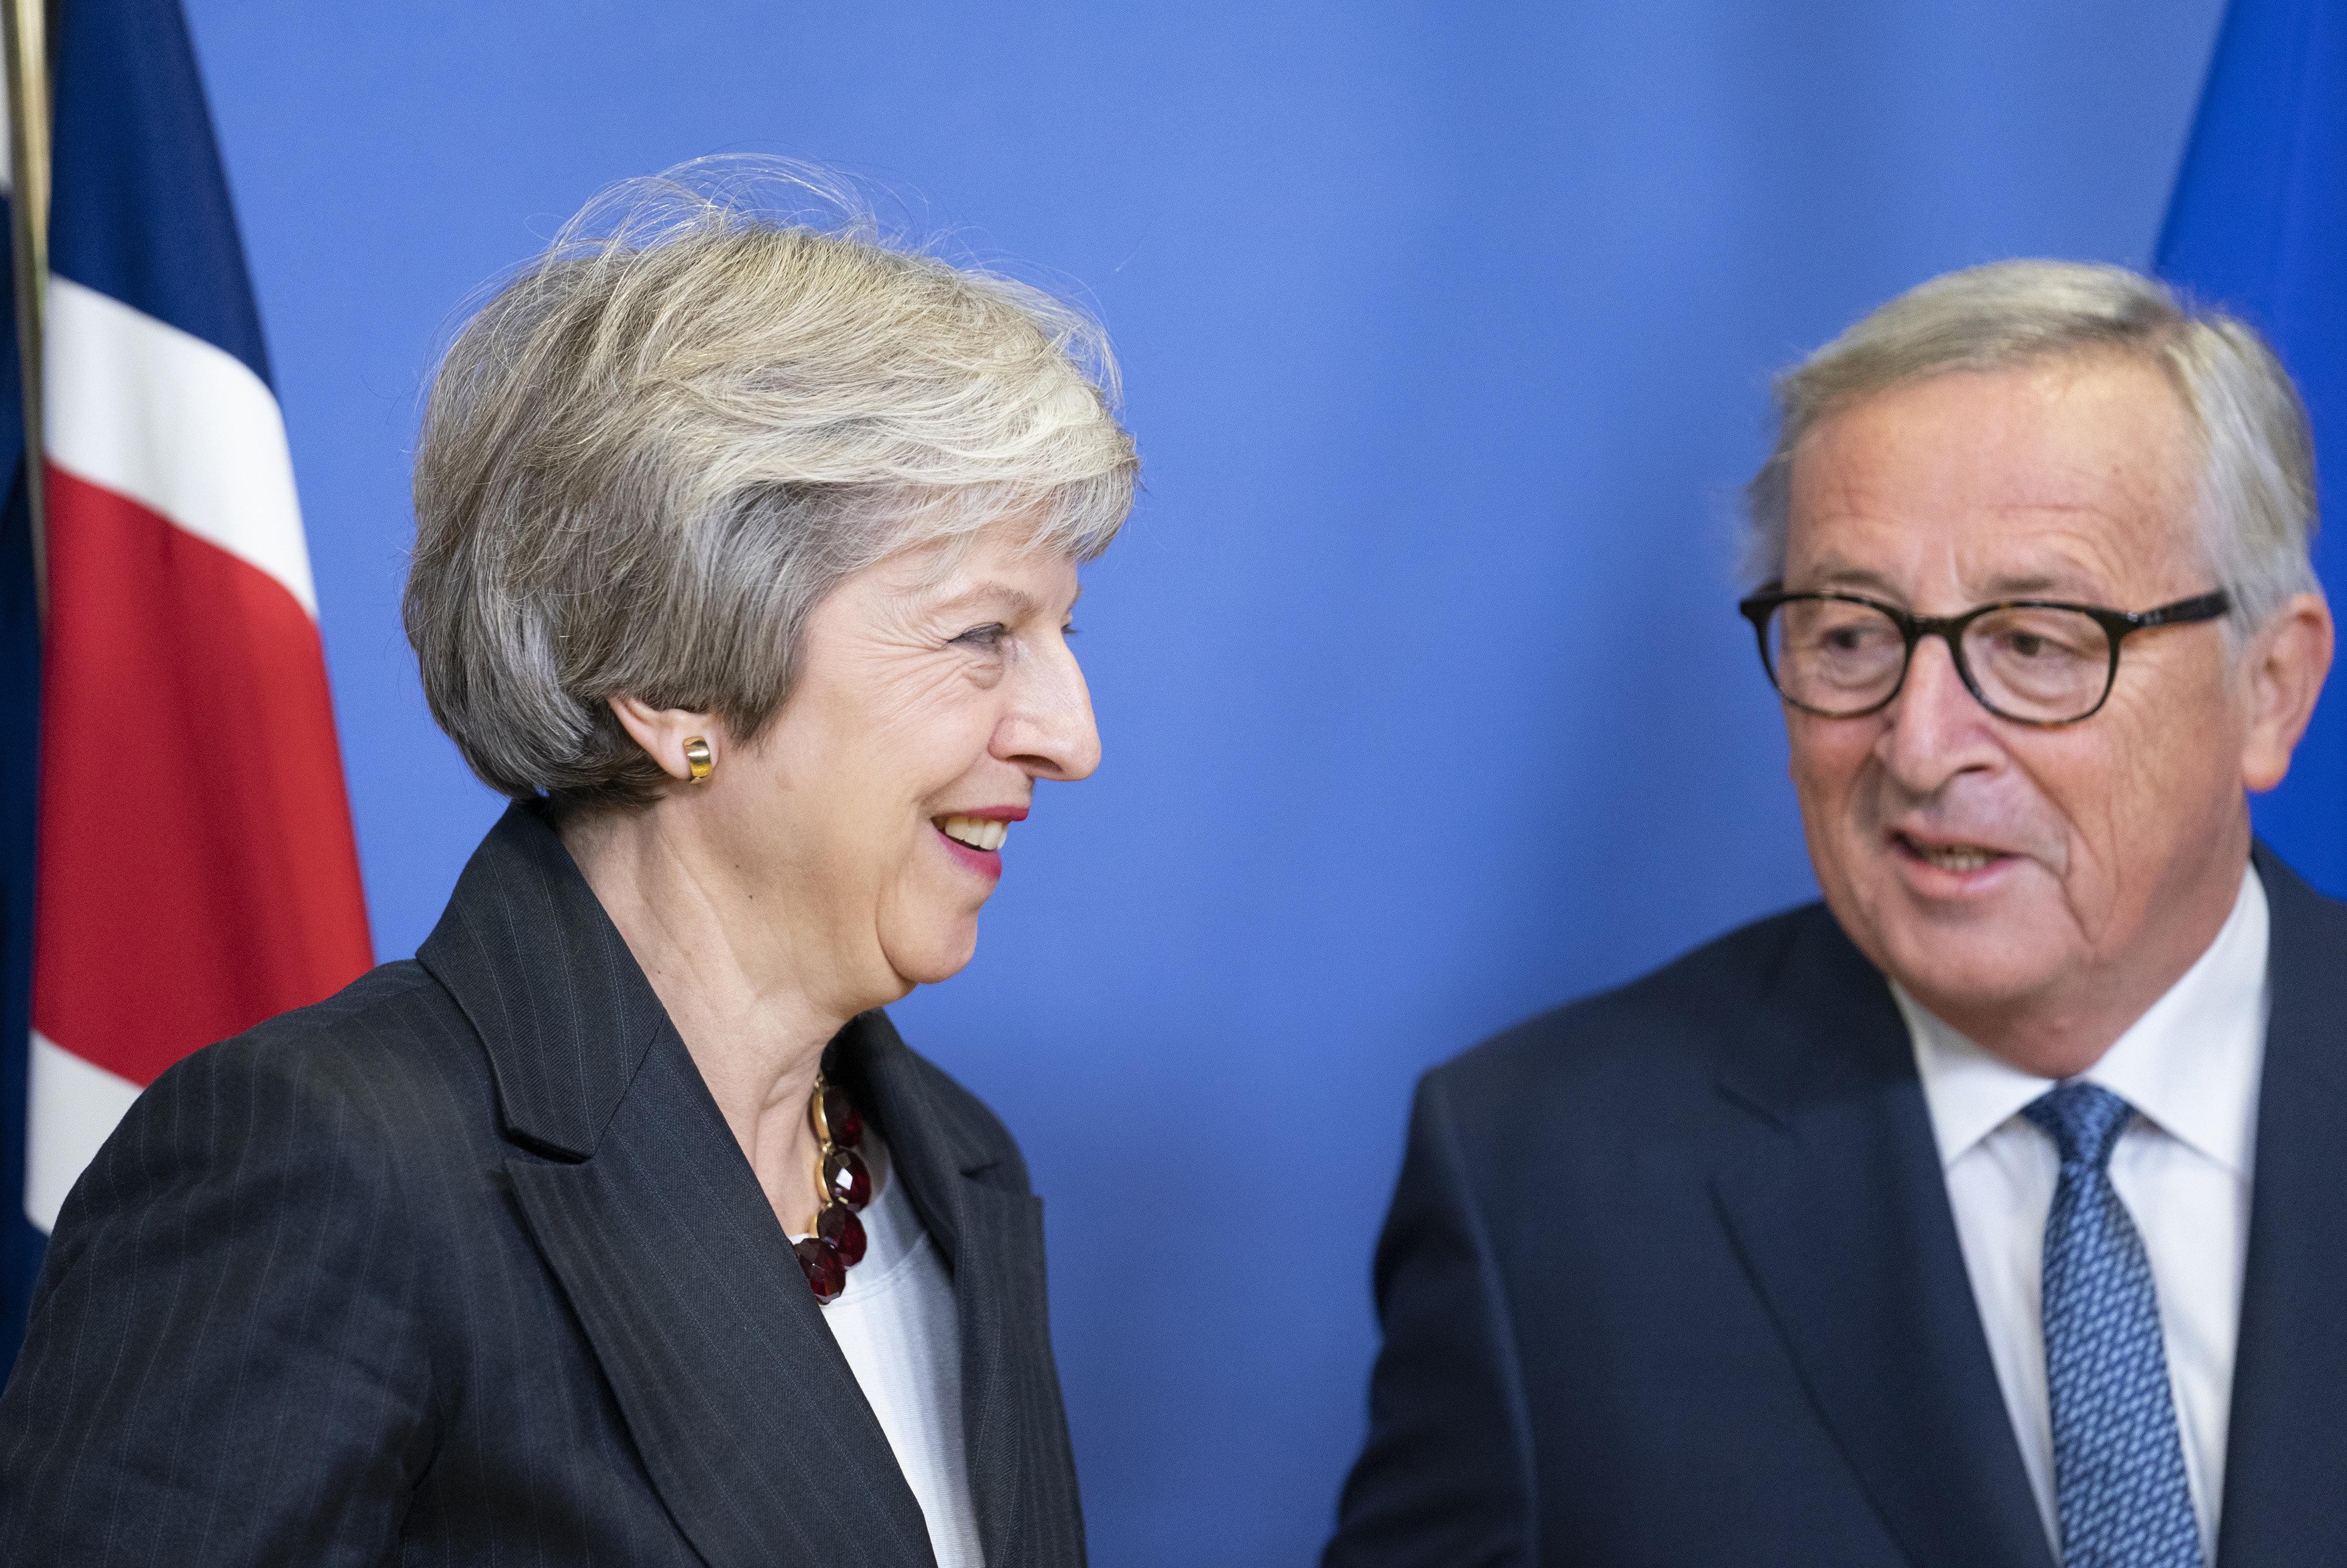 메이 영국 총리 : 영국은 EU를 틀림없이 탈퇴하지만 아닐 수도 있다